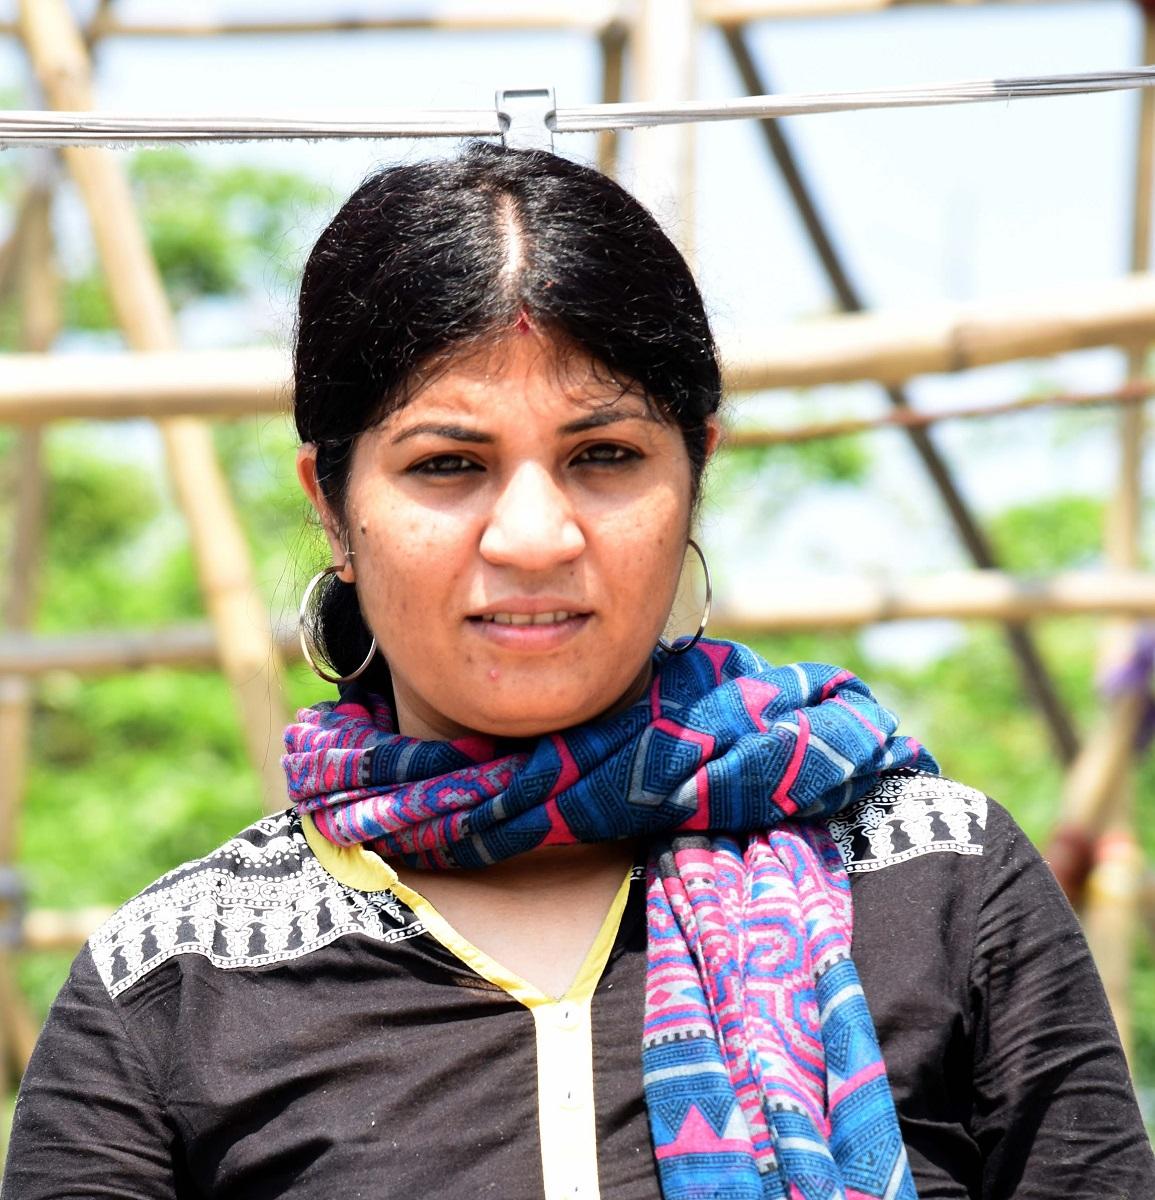 Avatar for Purnima Barman